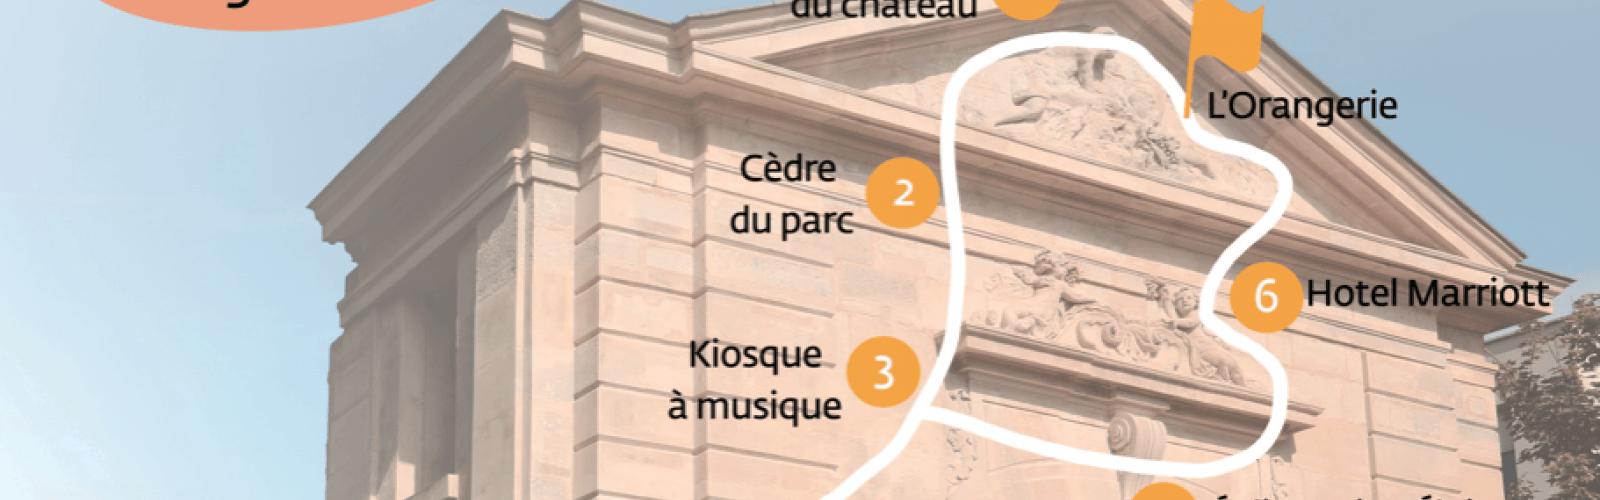 Flyer Tour du Monde en 80 Minutes - Roissy